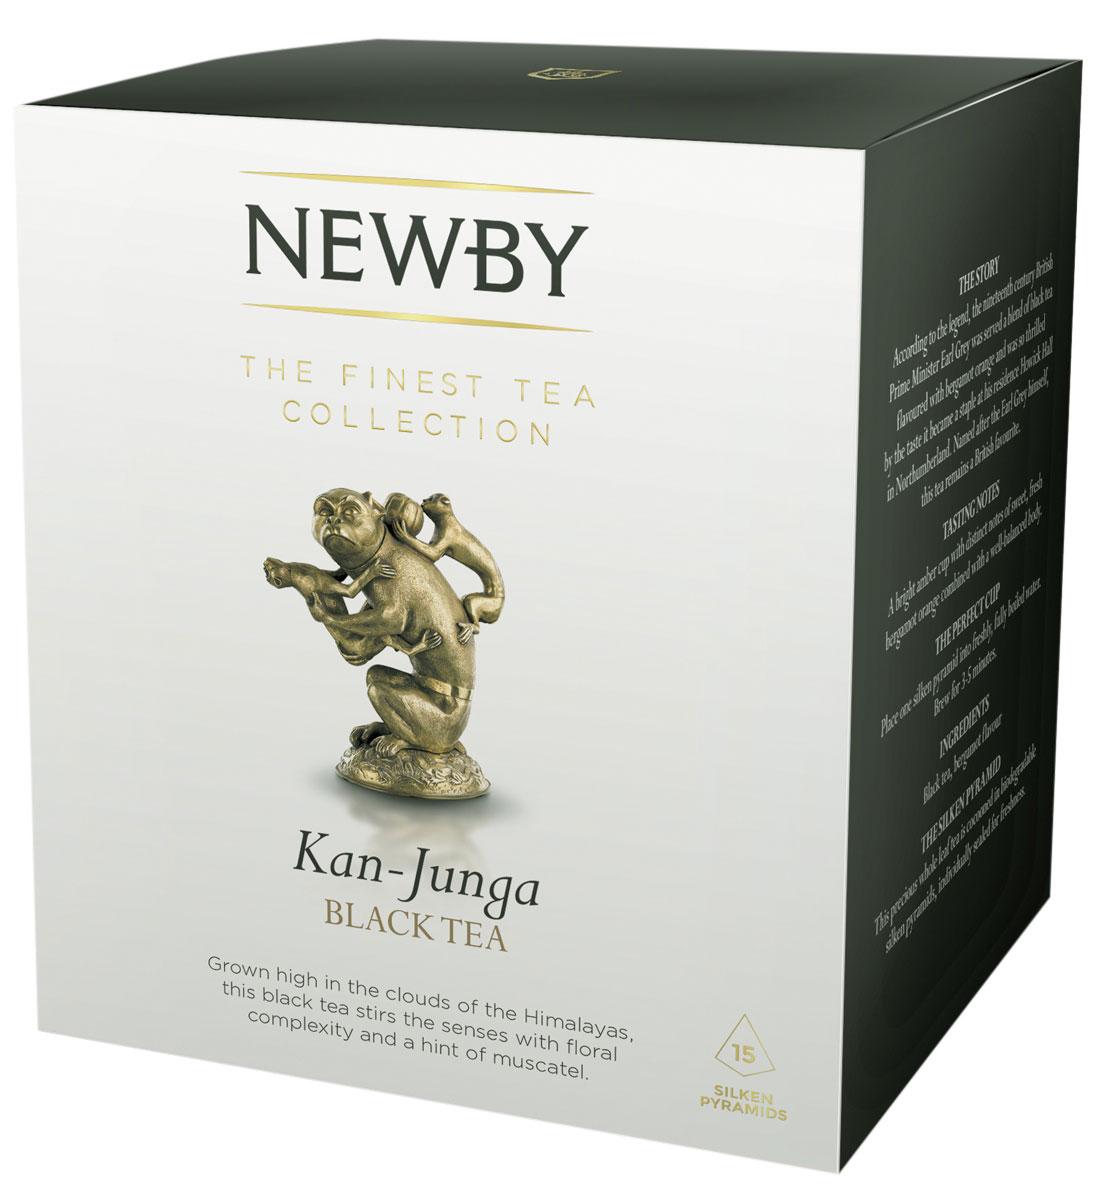 Newby Kan-Junga черный чай в пирамидках, 15 шт601430AСобранный на склонах Гималаев, высокогорный чай весеннего сбора Newby Kan-Junga имеет светлый настой, цветочный аромат и легкий мускатный привкус. Каждая пирамидка упакована в индивидуальное саше из алюминиевой фольги для сохранения свежести чайного листа. Всё о чае: сорта, факты, советы по выбору и употреблению. Статья OZON Гид